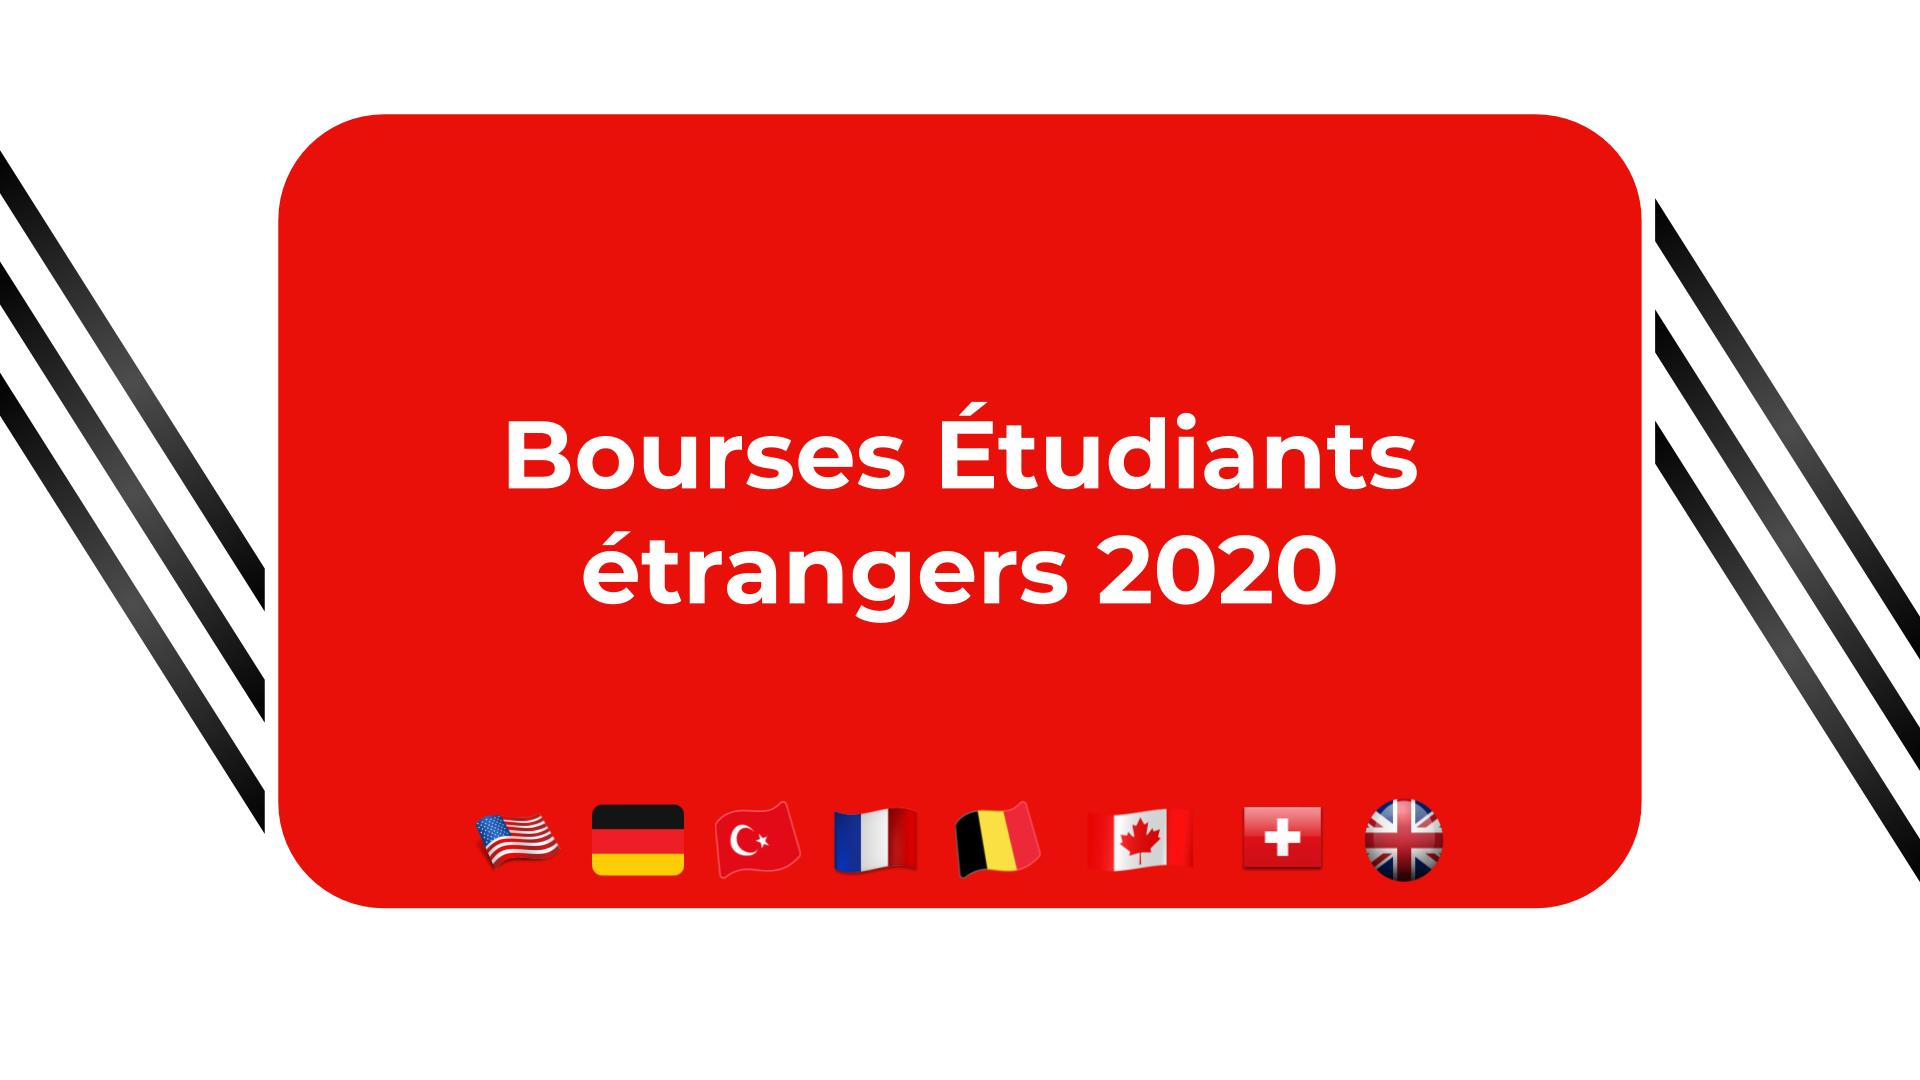 Bourses étudiants étrangers 2020